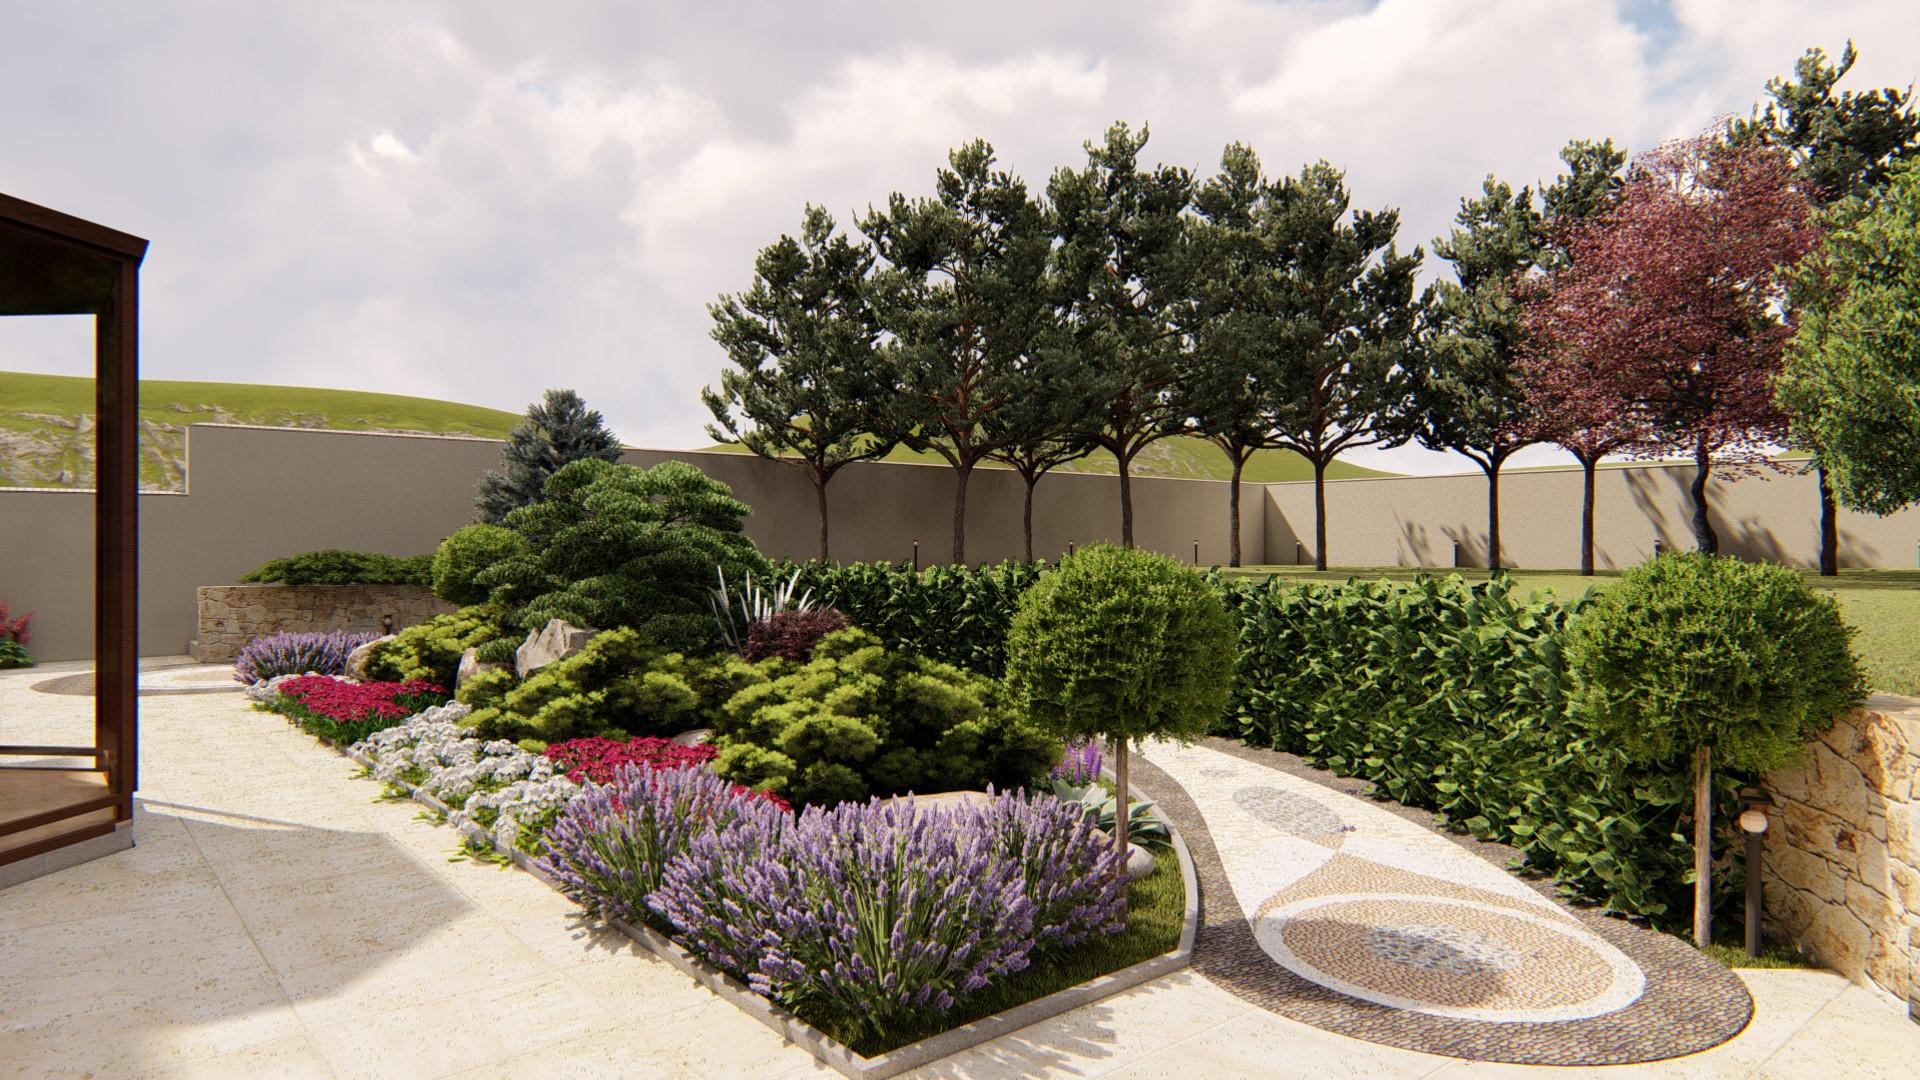 Ландшафтный дизайн маленького сада: красивые идеи оформления